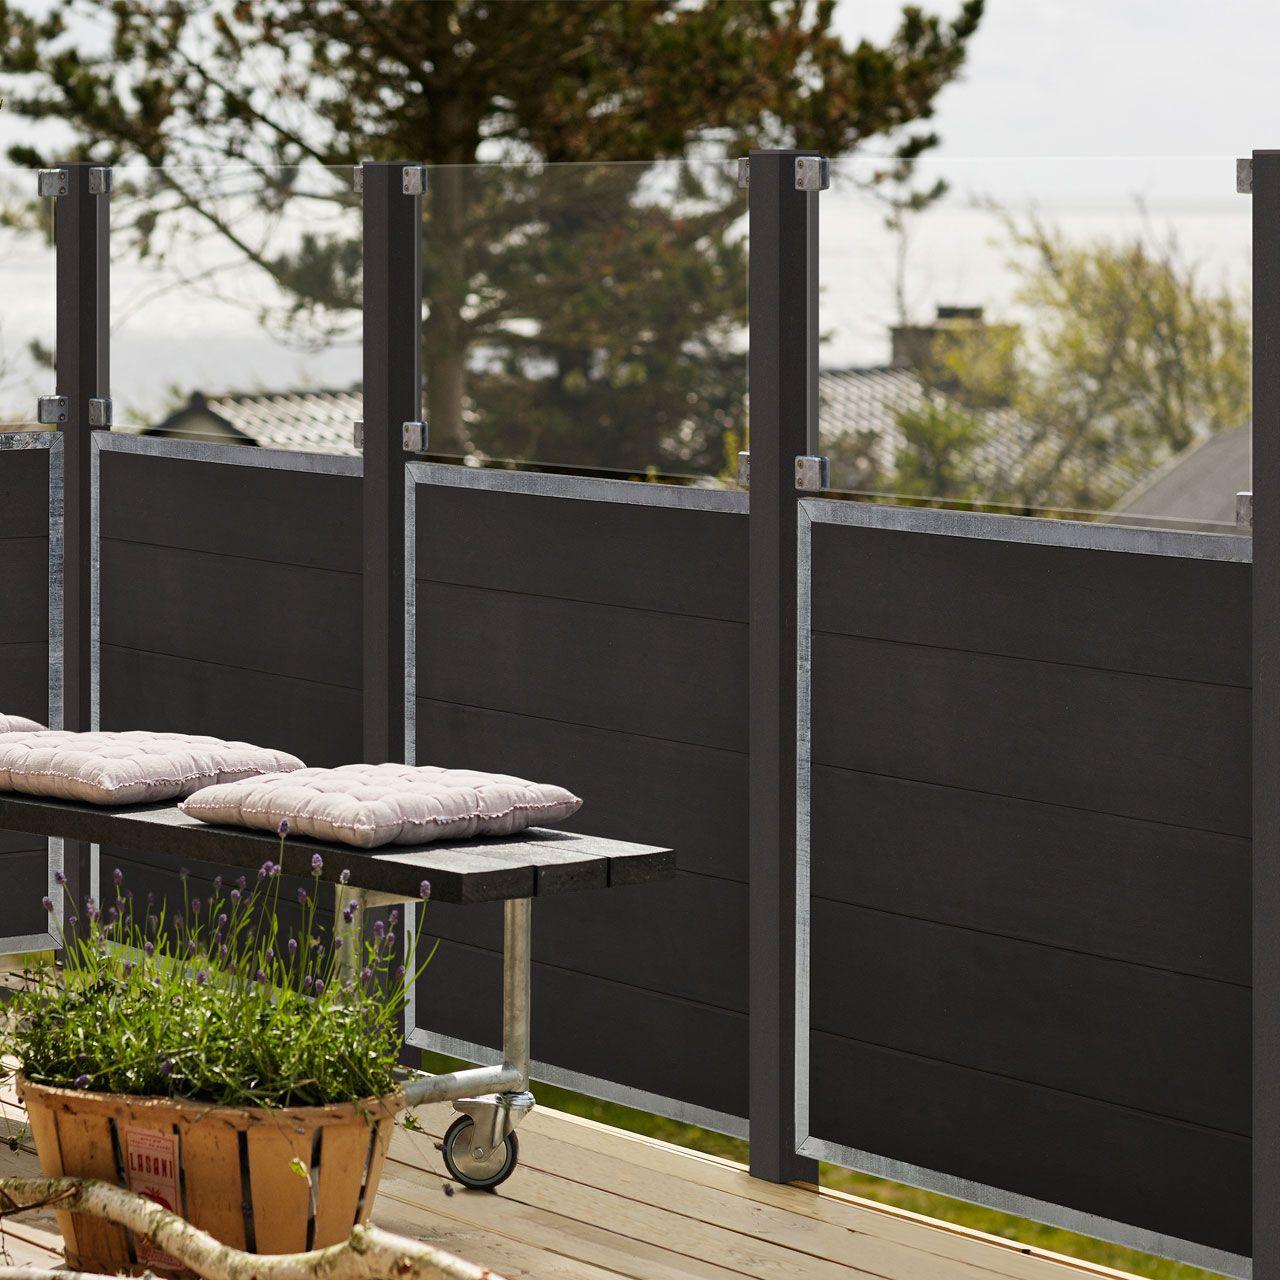 Wpc Sichtschutz Zaun Futur Glas 53 Cm Sichtschutz Garten